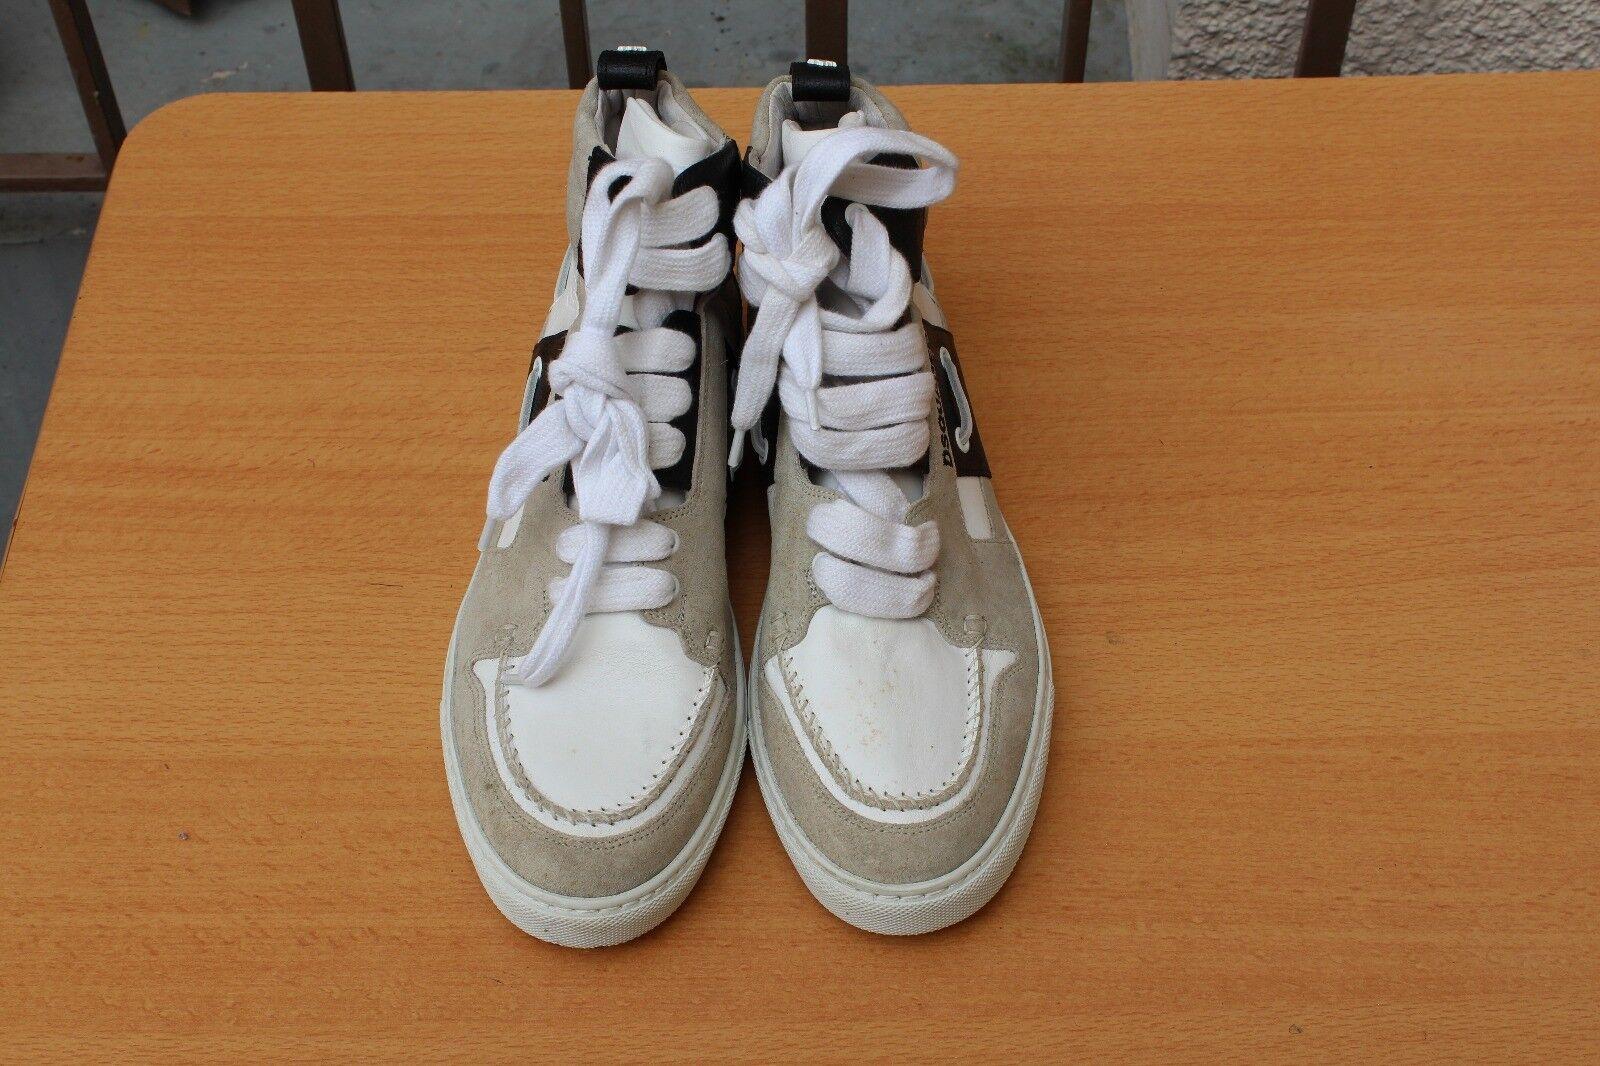 CHAUSSURE scarpe scarpe scarpe da ginnastica MONTANTE DSQUArosso CUIR 42 NEUF a203a4